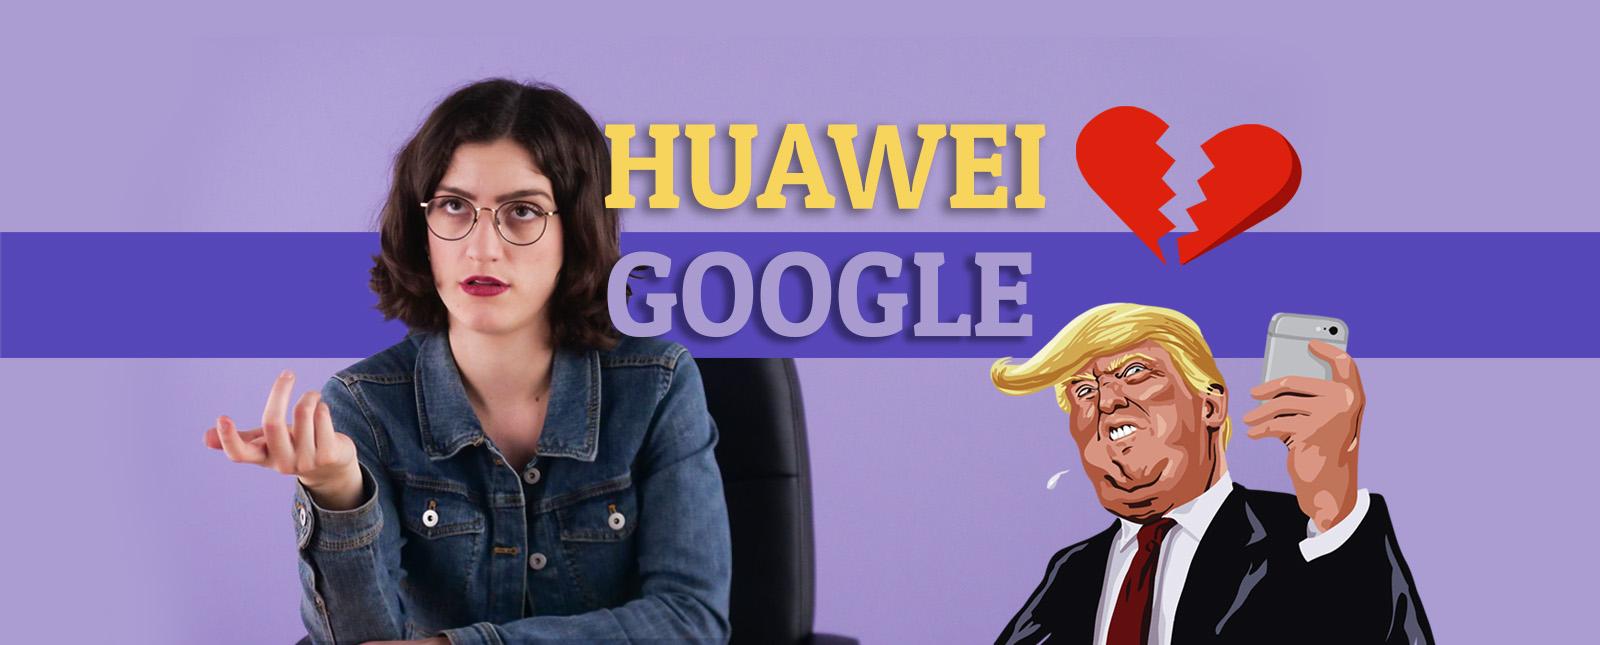 La ruptura que ocasionó Trump entre Google y Huawei